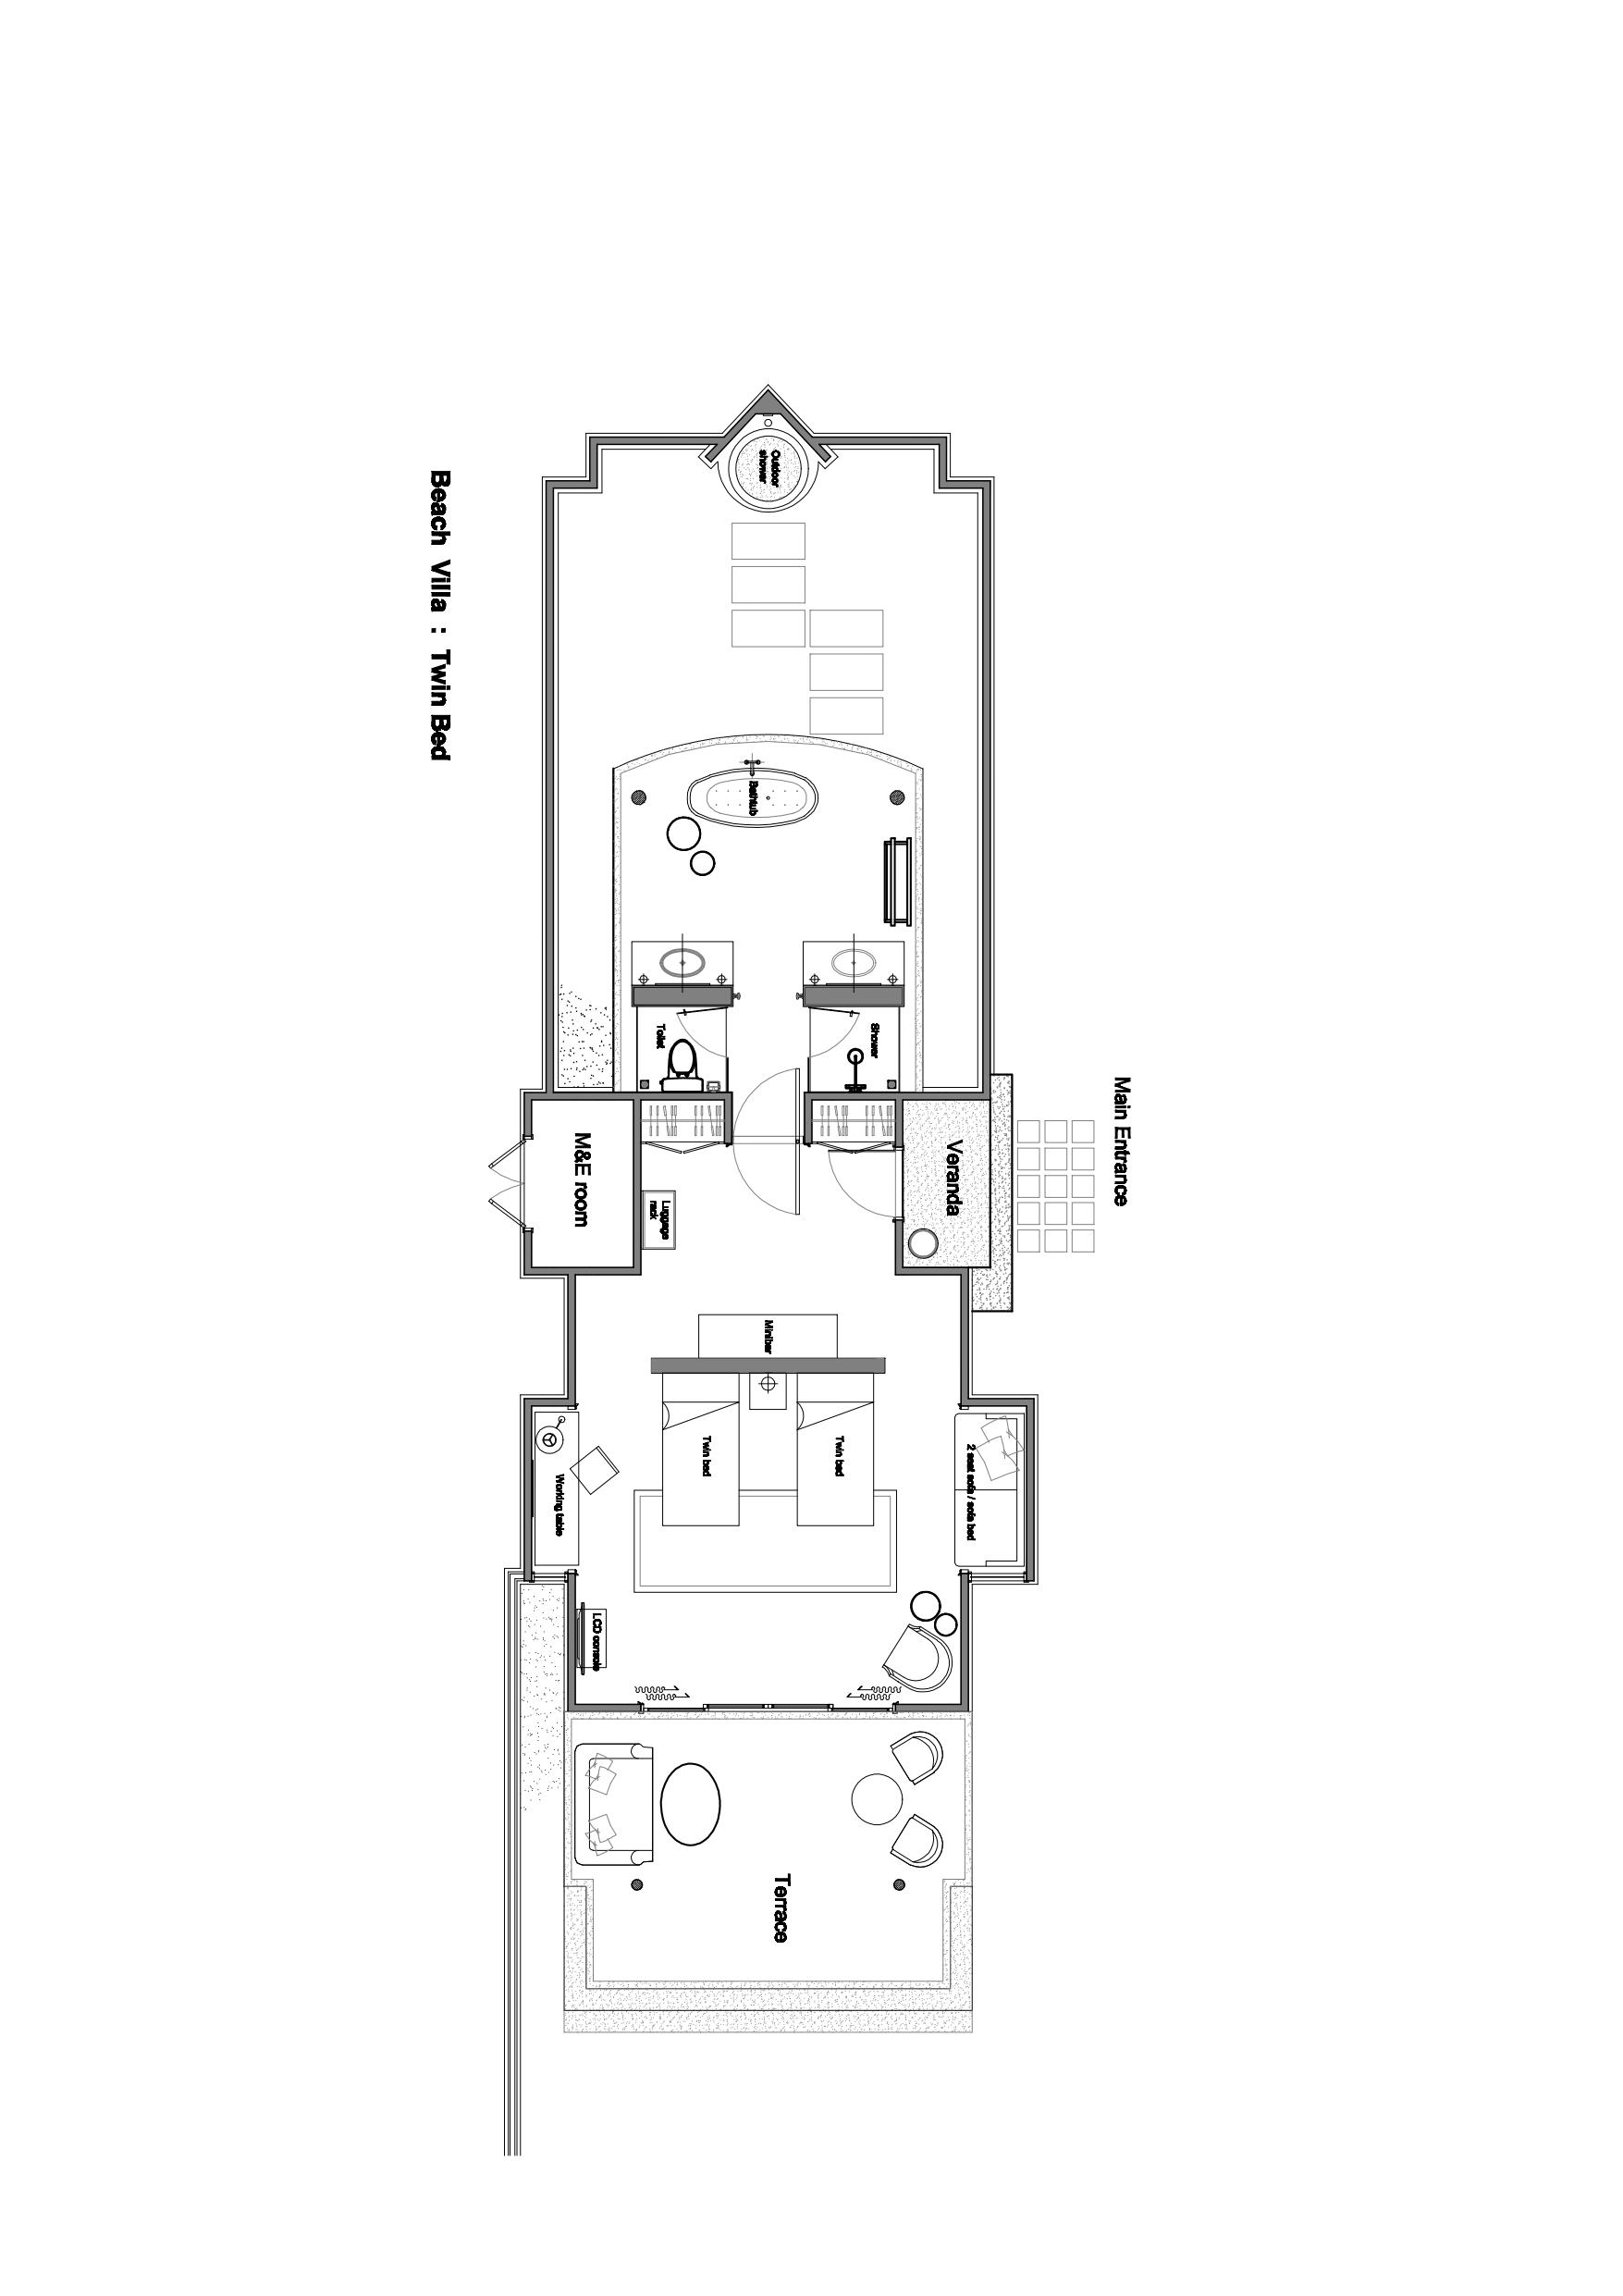 Мальдивы, отель Dusit Thani Maldives, план-схема номера Beach Villa